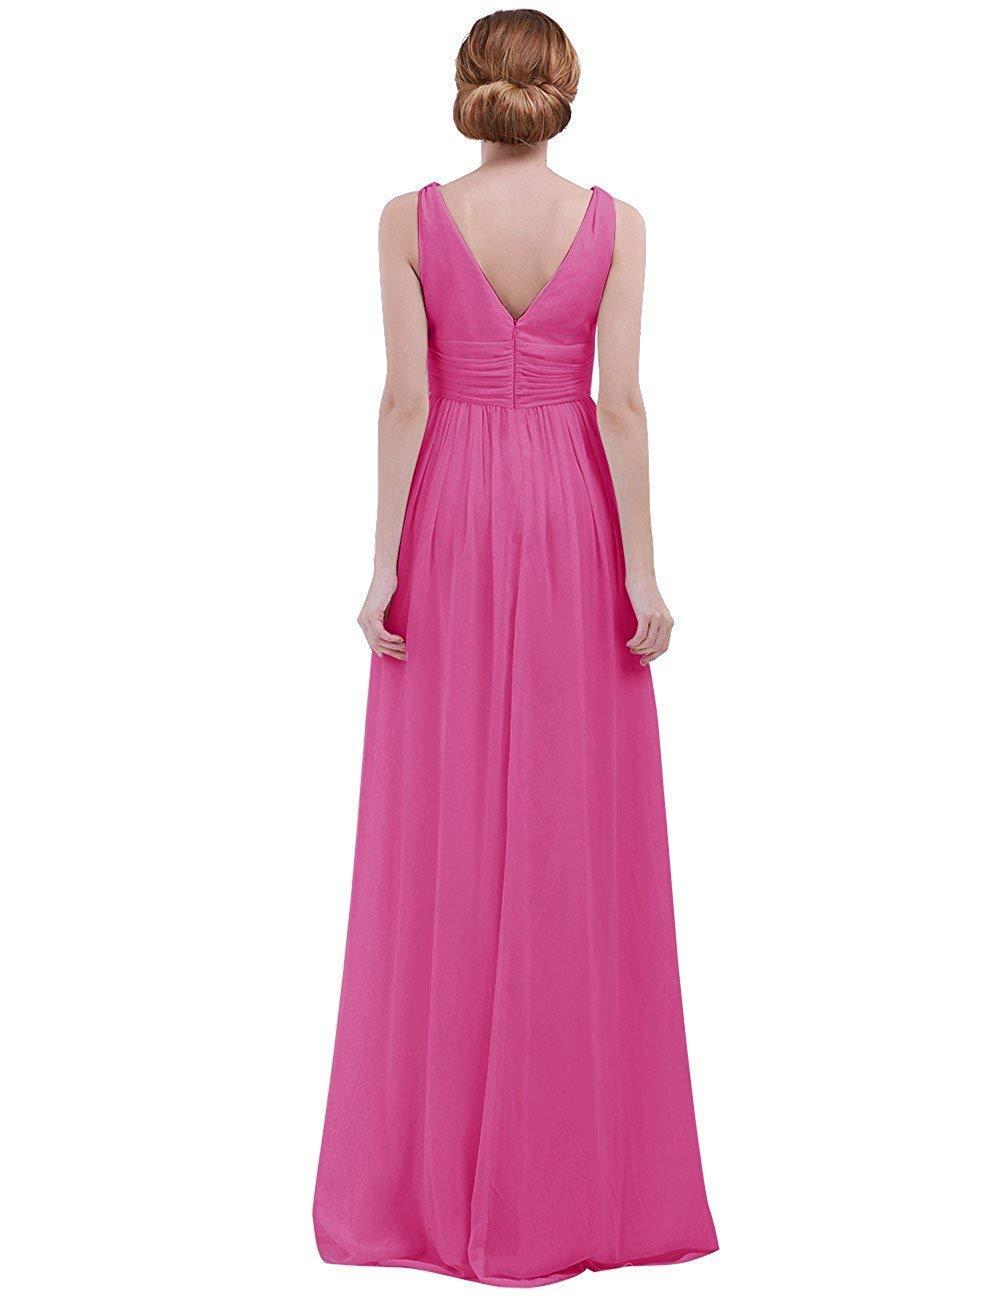 Rose Taille UK 16     12 MJY Mode féminine sans hommeches col en V profond en mousseline de soie demoiselle d'honneur robe de soirée,corail,Taille UK 14     10